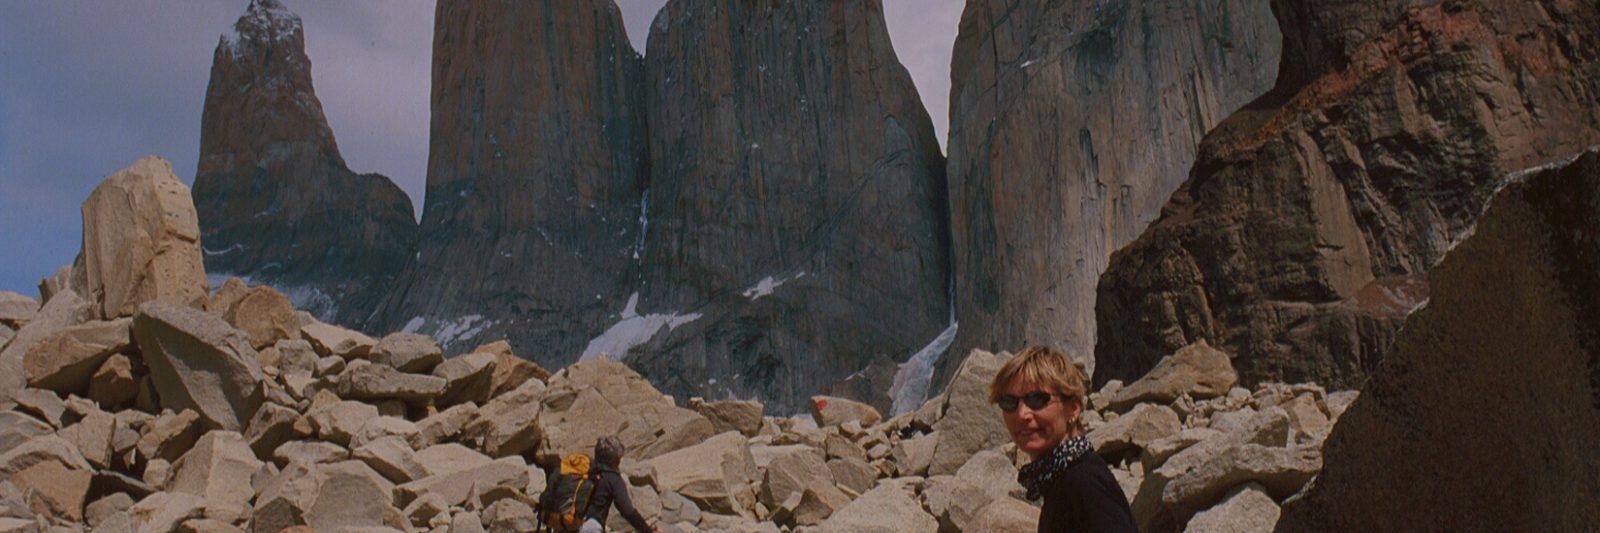 Patagonia Torres del Paine Full Circuit